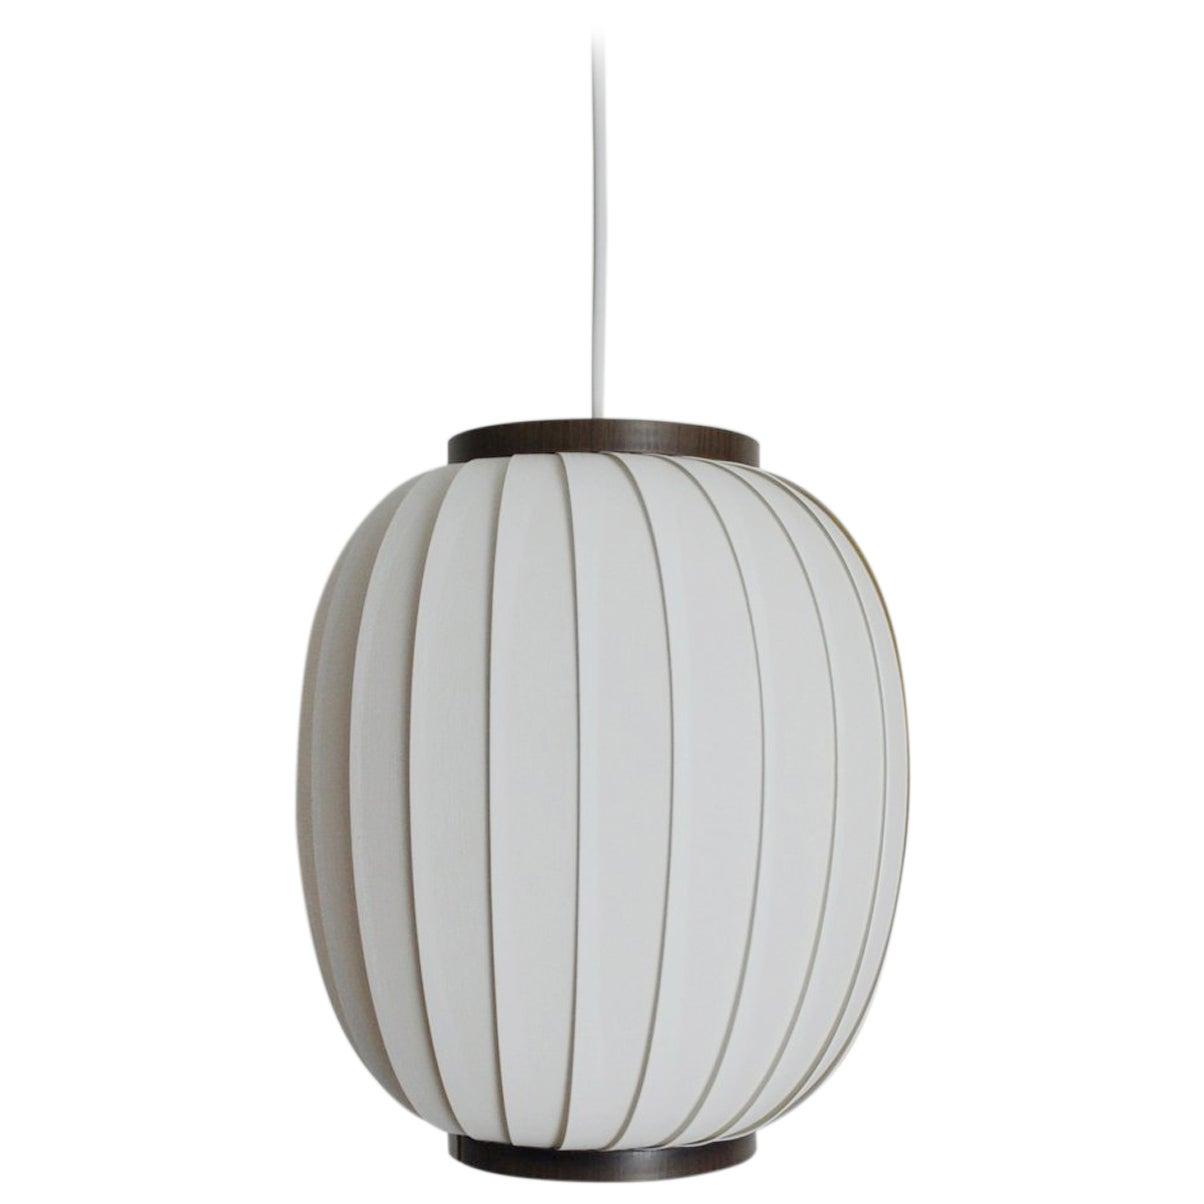 Bojan Pendant Lamp by Lars Eiler Schiøler for Hoyrup Light, 1970s